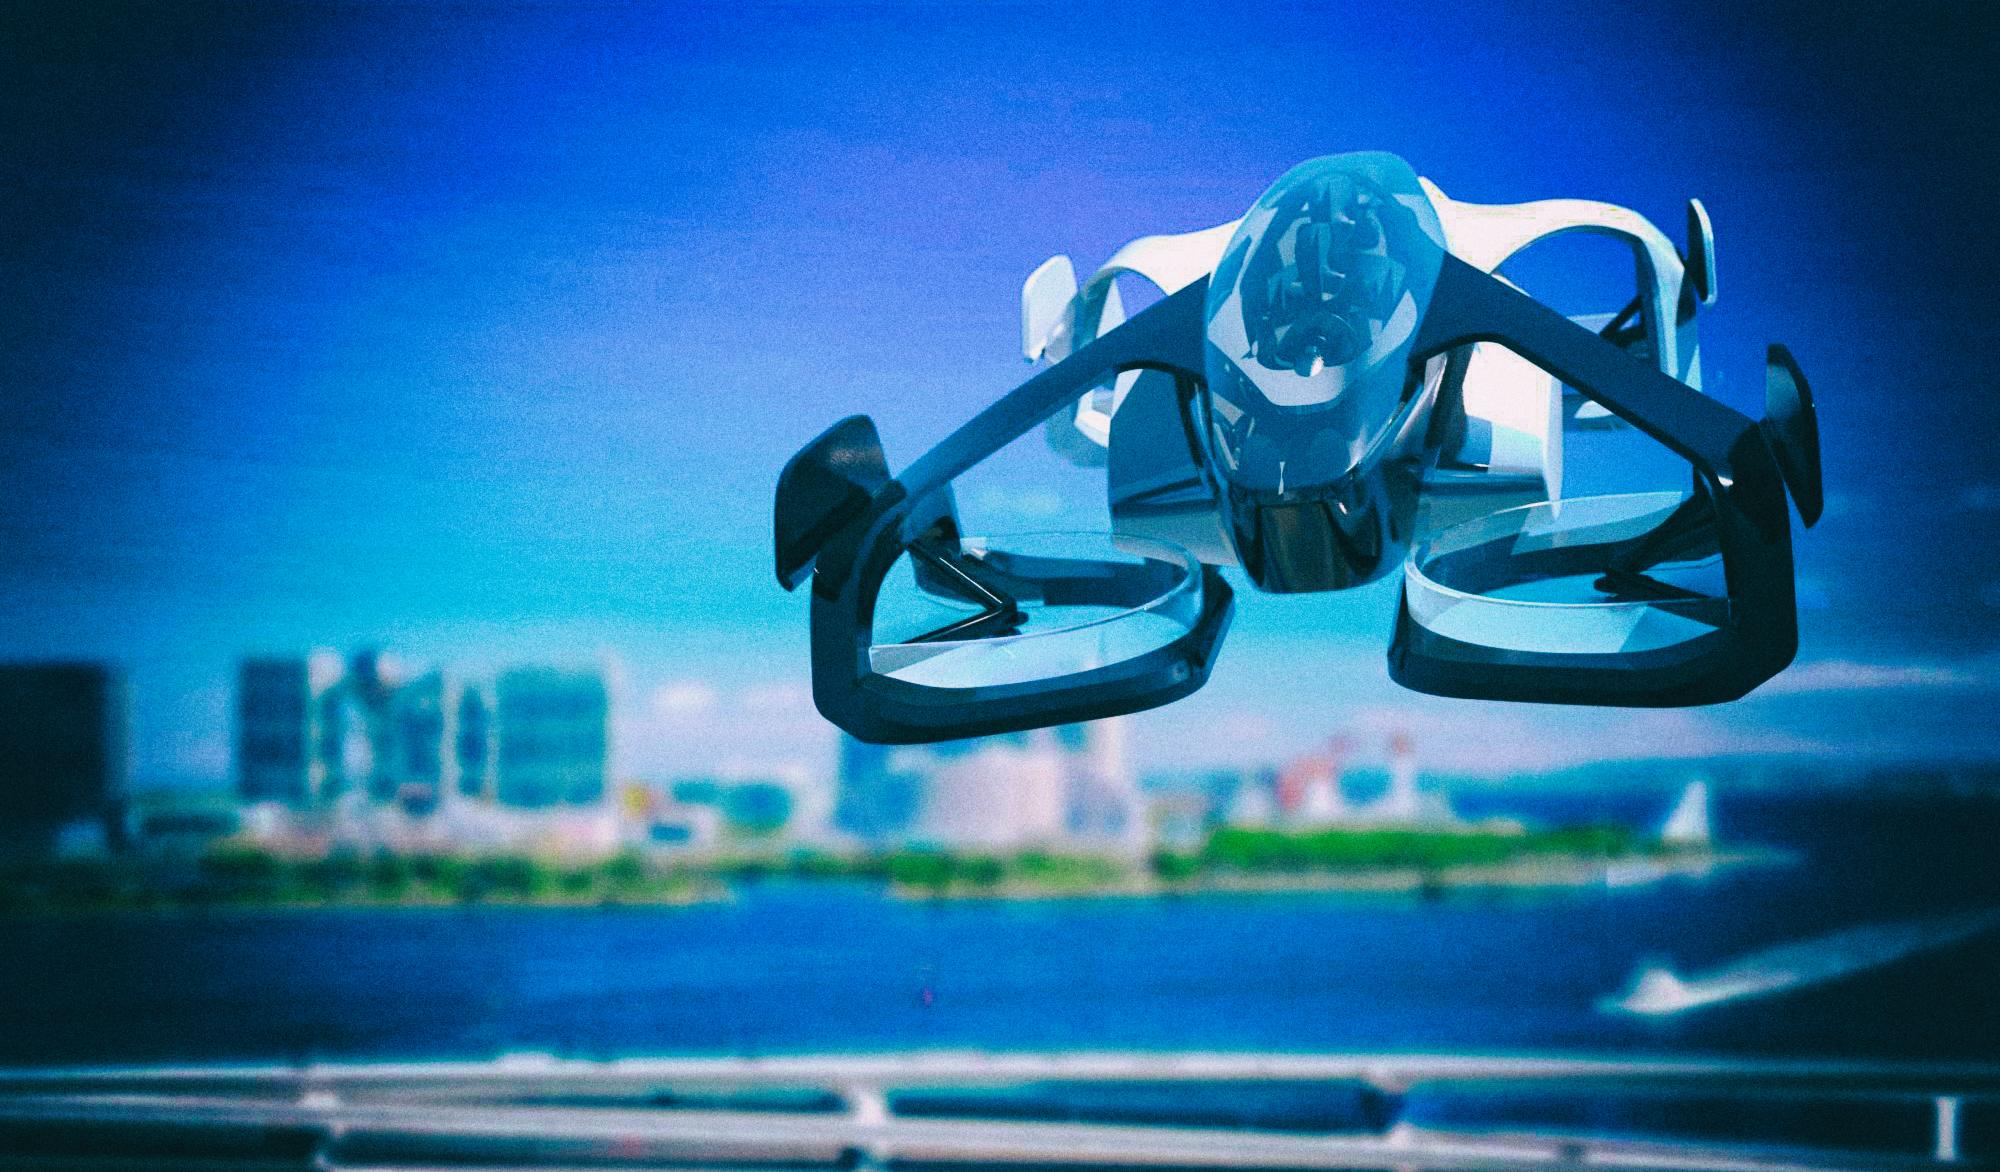 Япония начинает внедрение летающих автомобилей